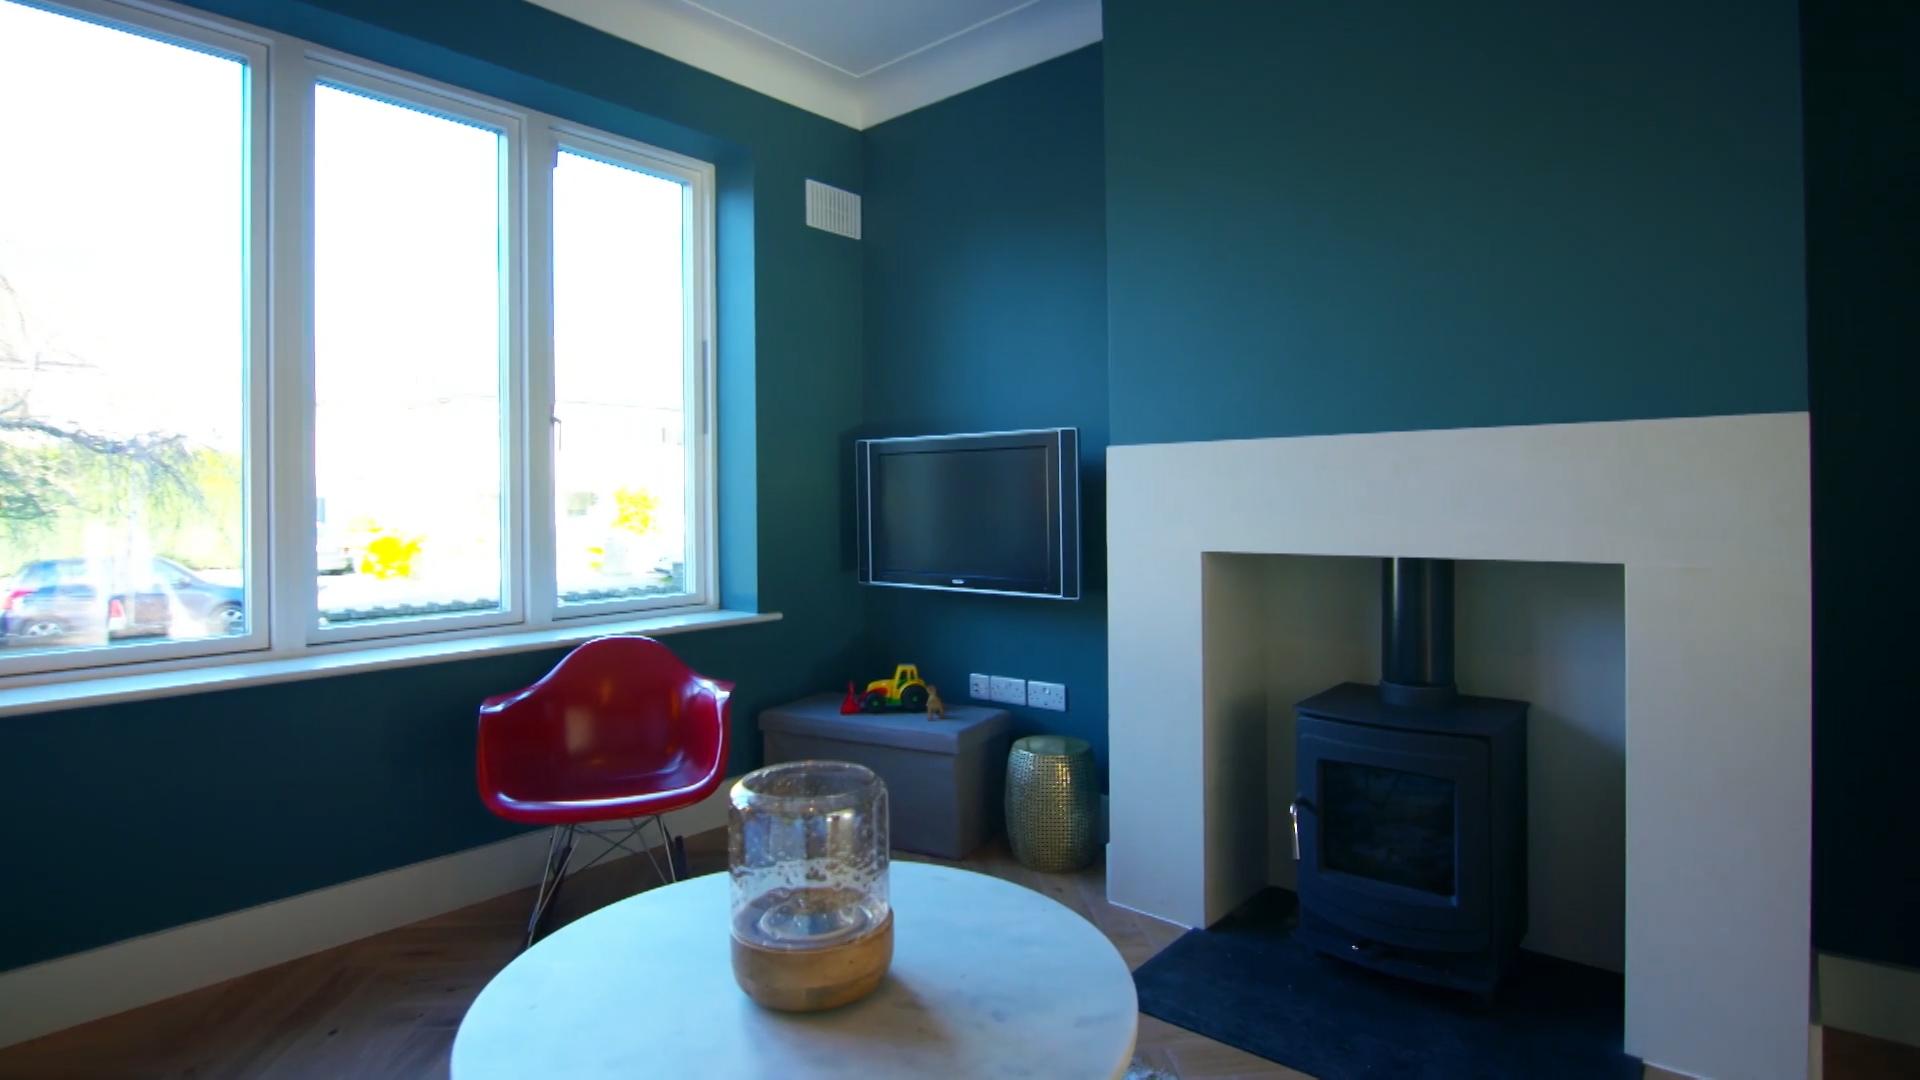 RTI Stillorgan After - Living Room 2.jpg